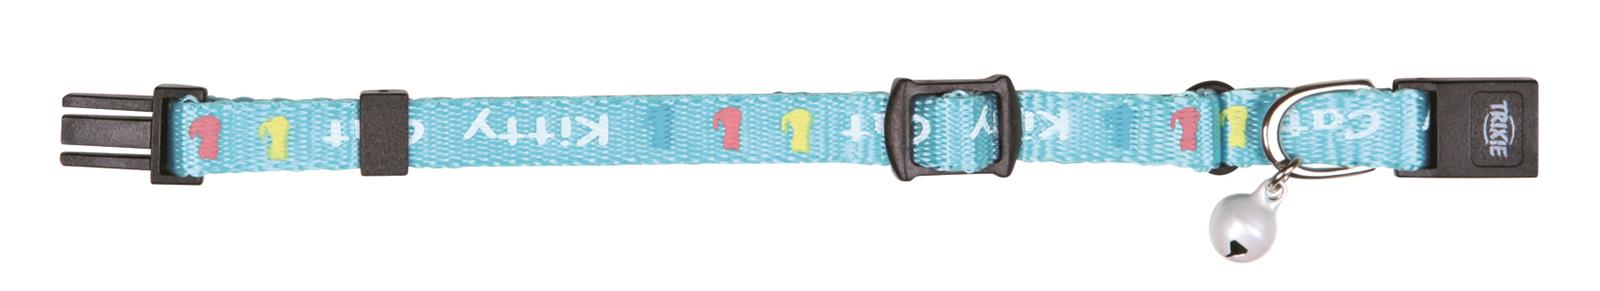 10 x Halsband aus teiltransparentem Kunststoff ** Farbe Klar ** mit Karabinerverschlu/ß